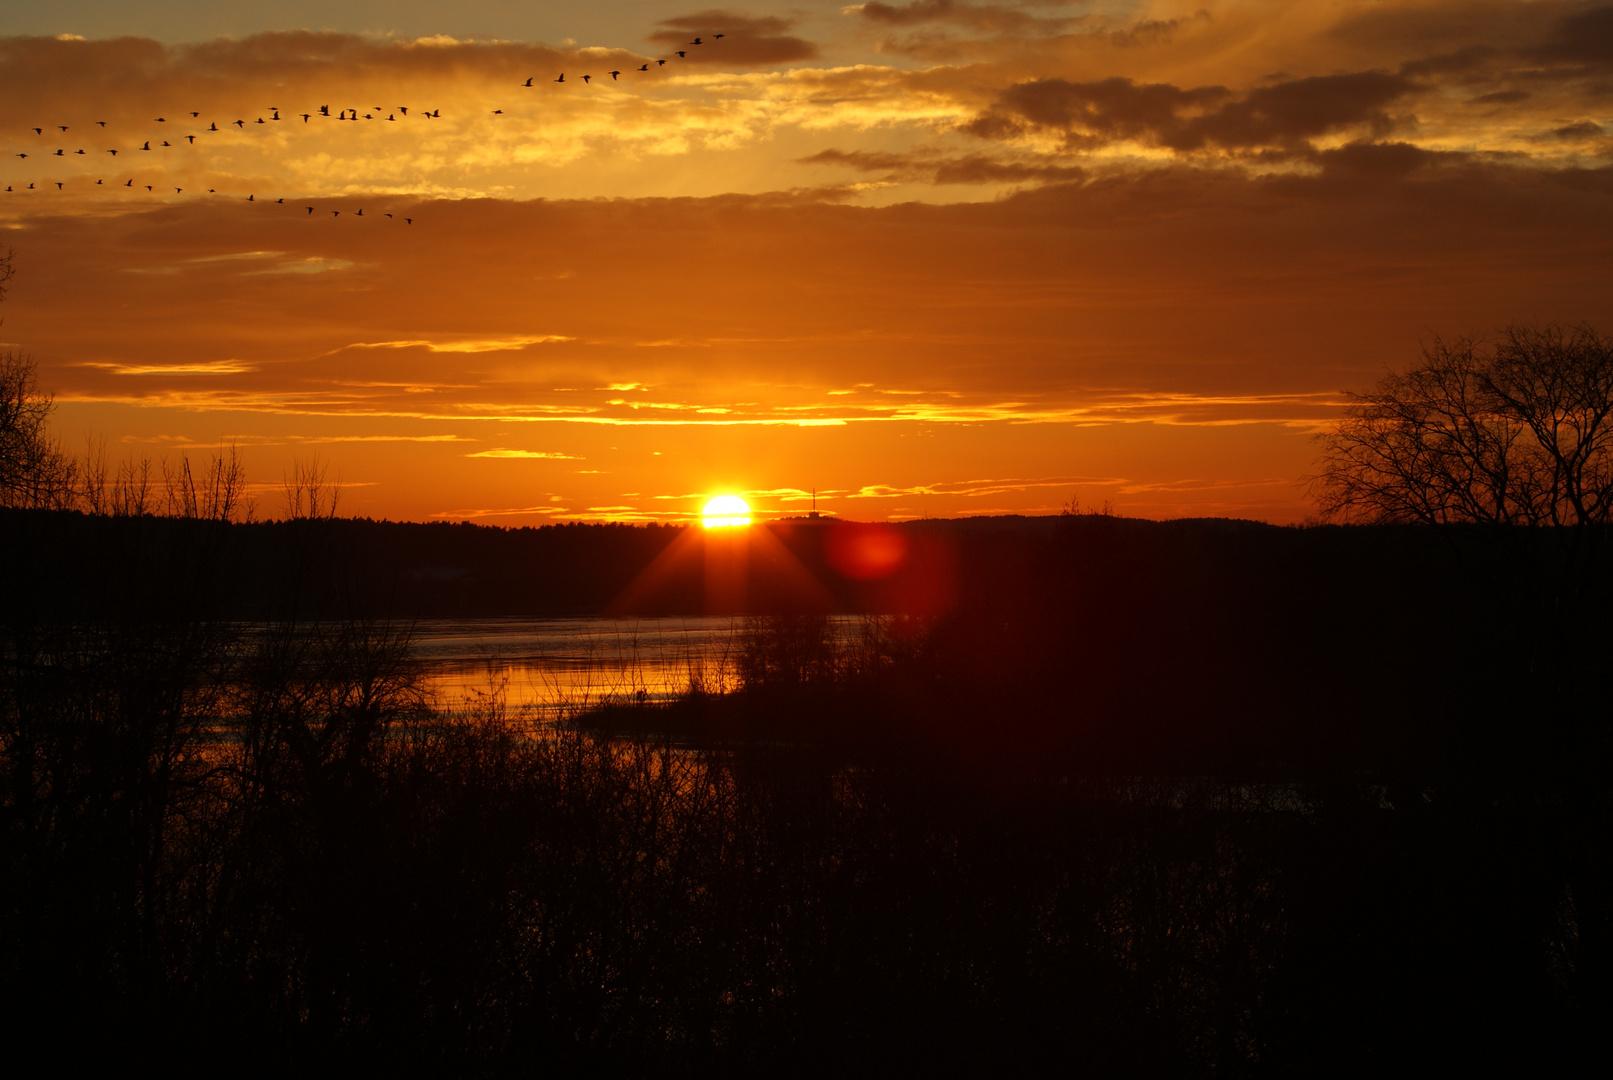 Sonnenuntergang am Schlänitzsee